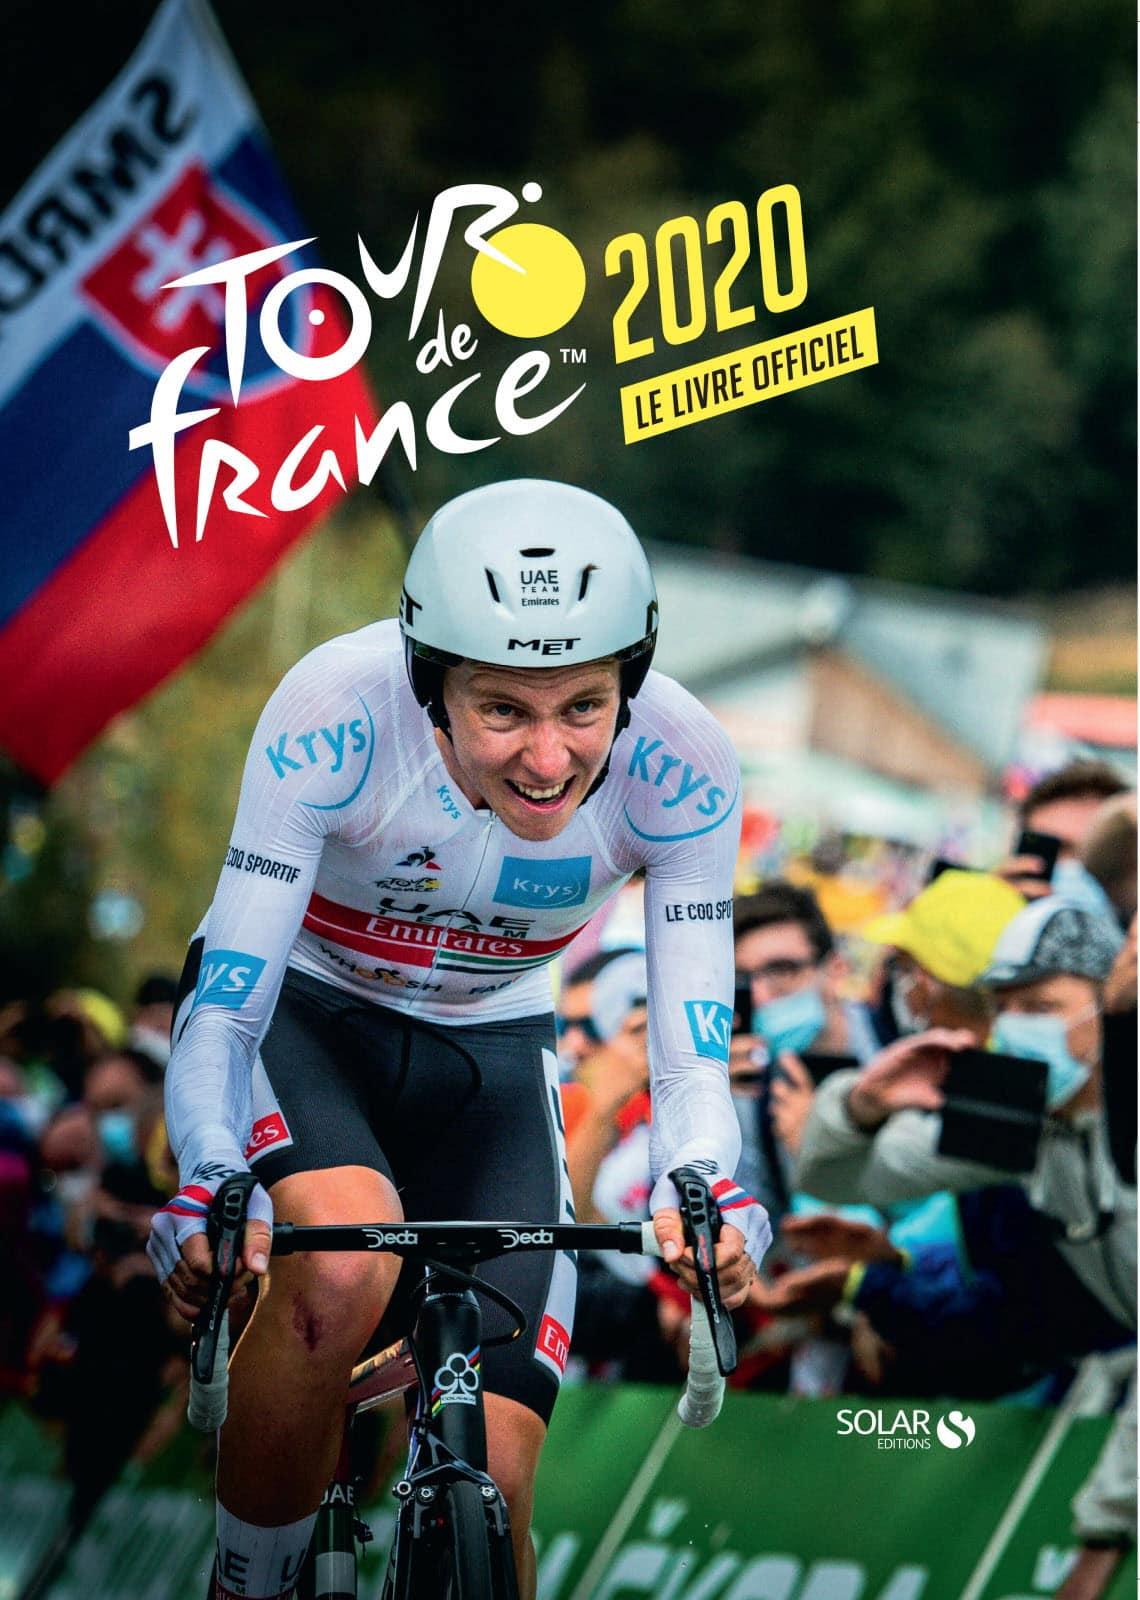 Le Tour de France 2020